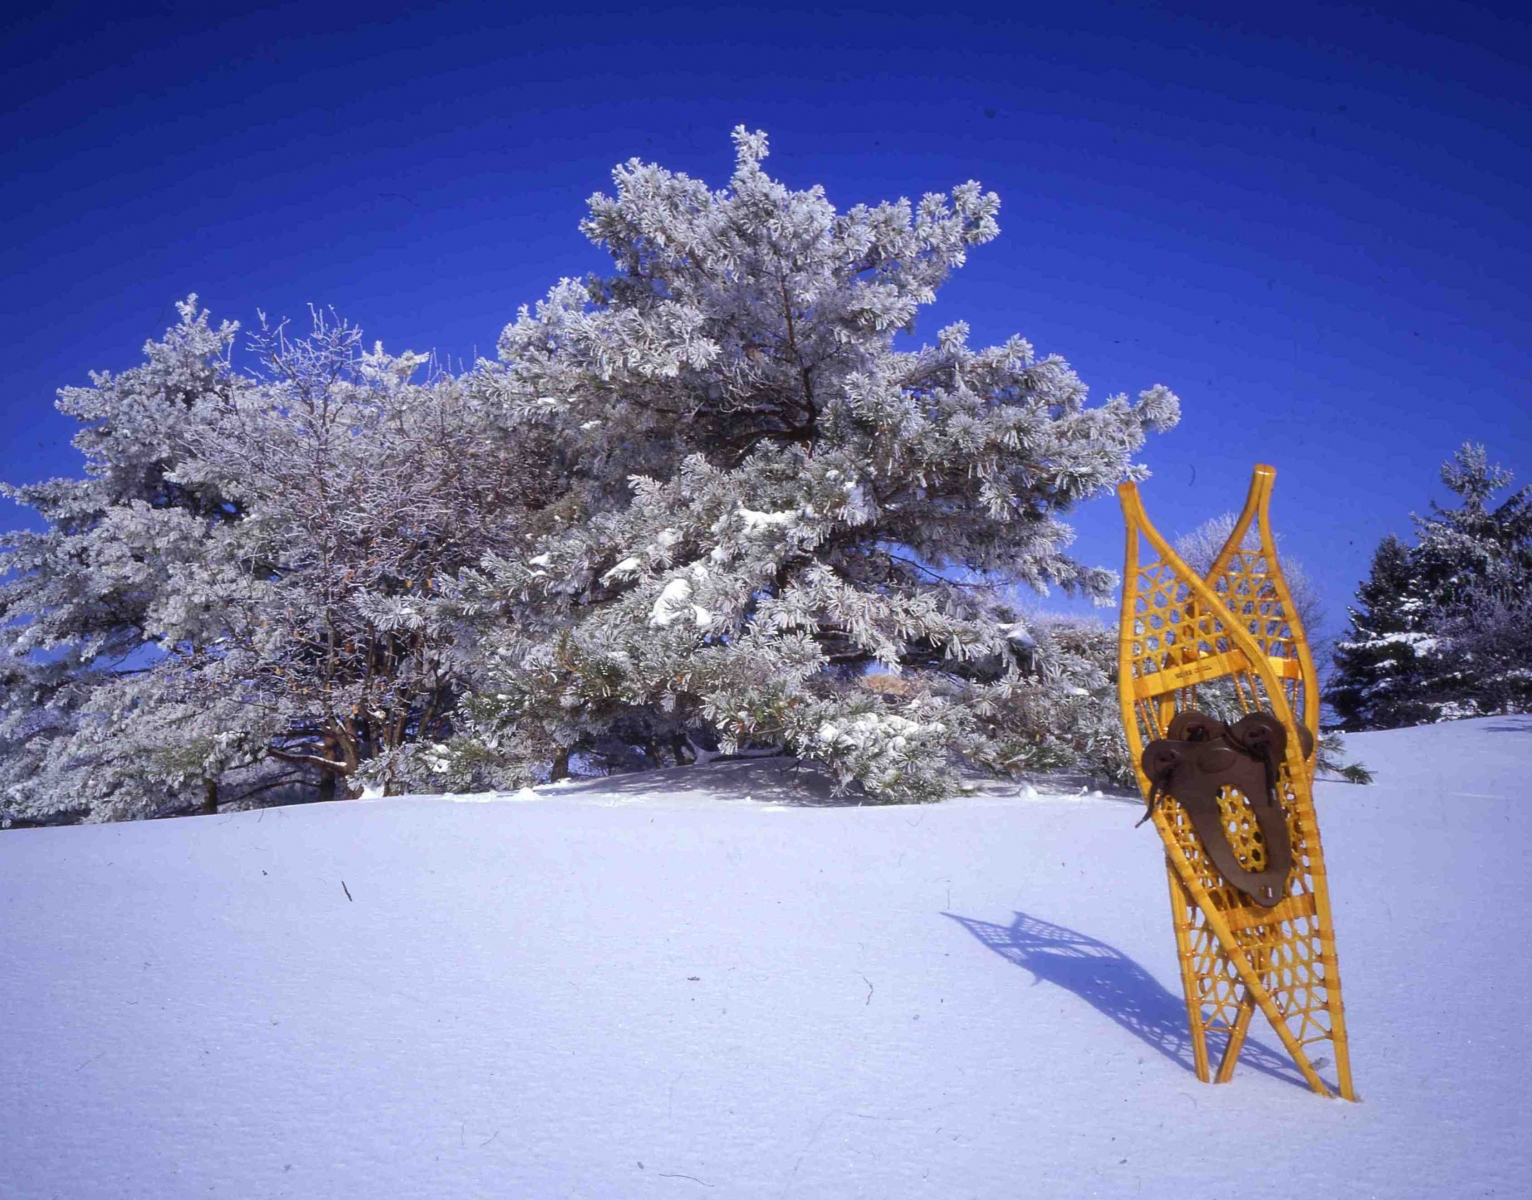 Snowshoes at Minnesota Landscape Arboretum